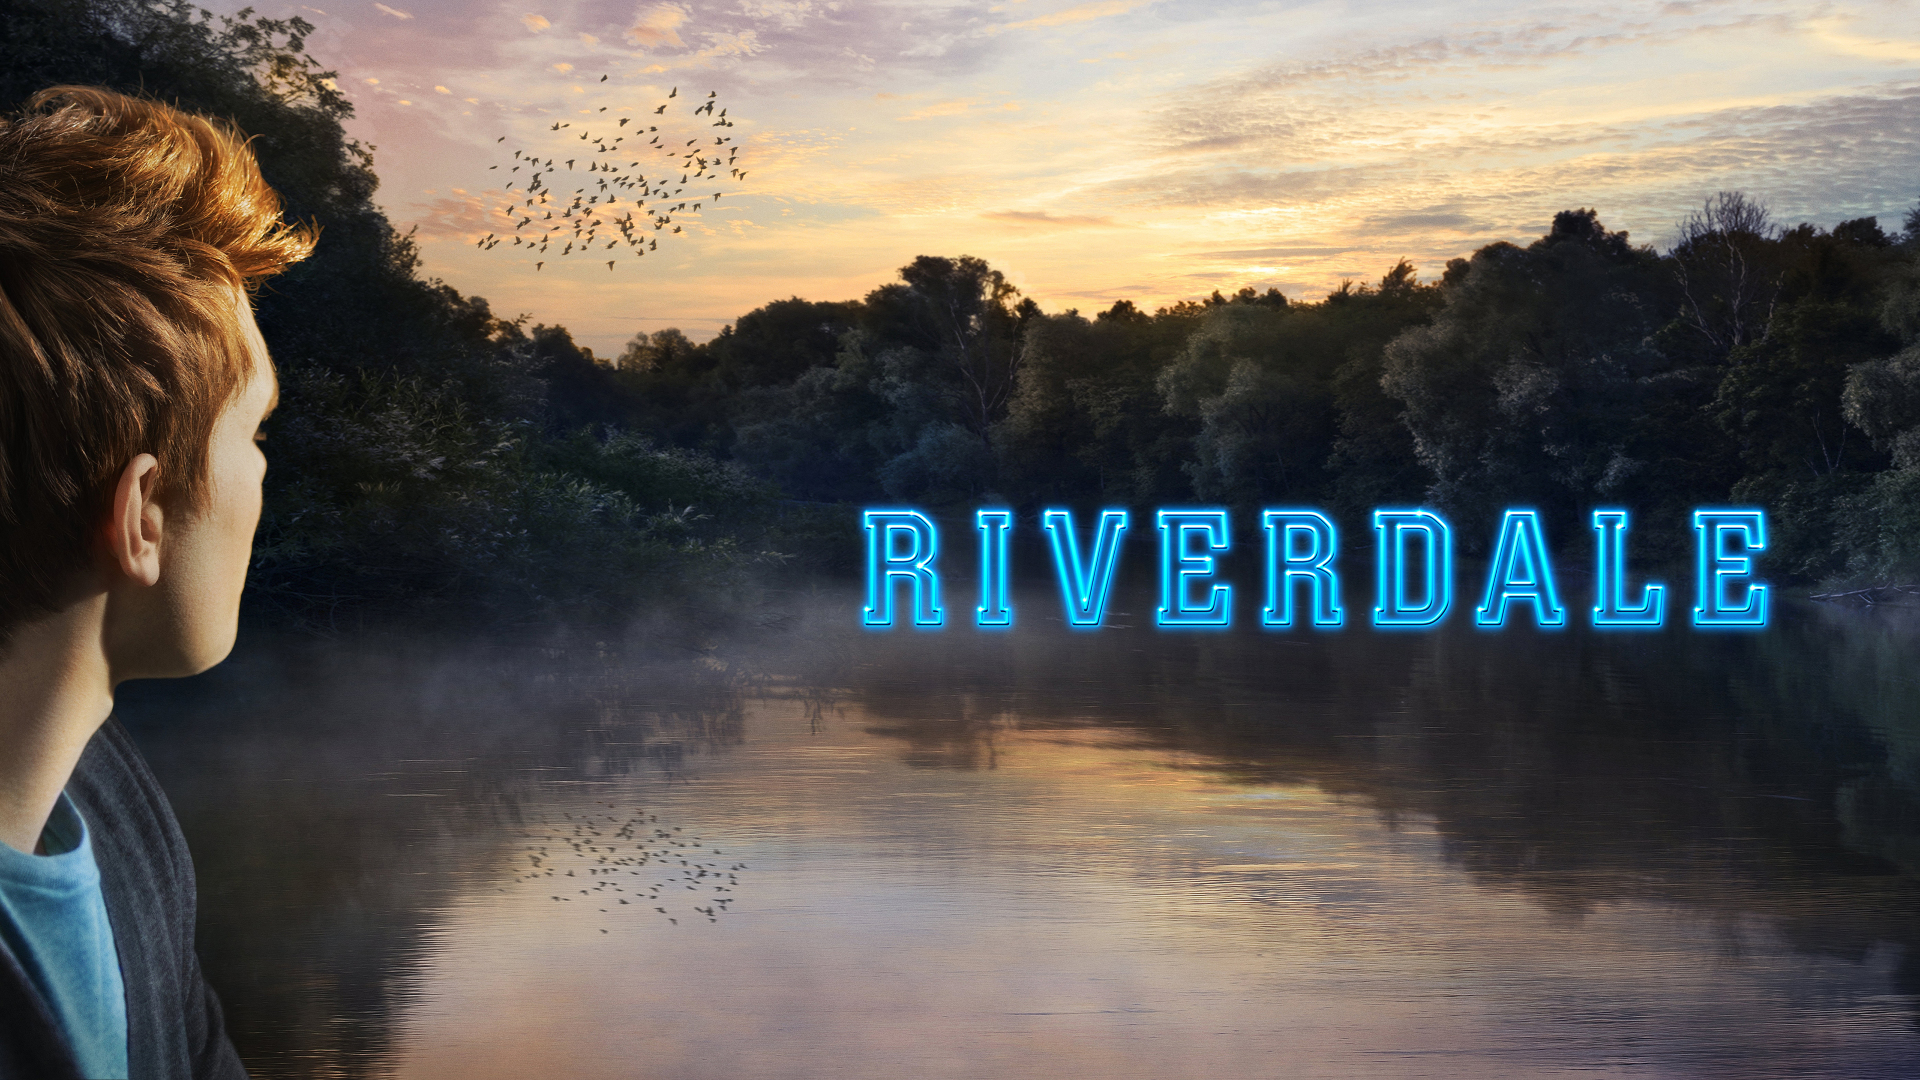 riverdale hd wallpaper 70078